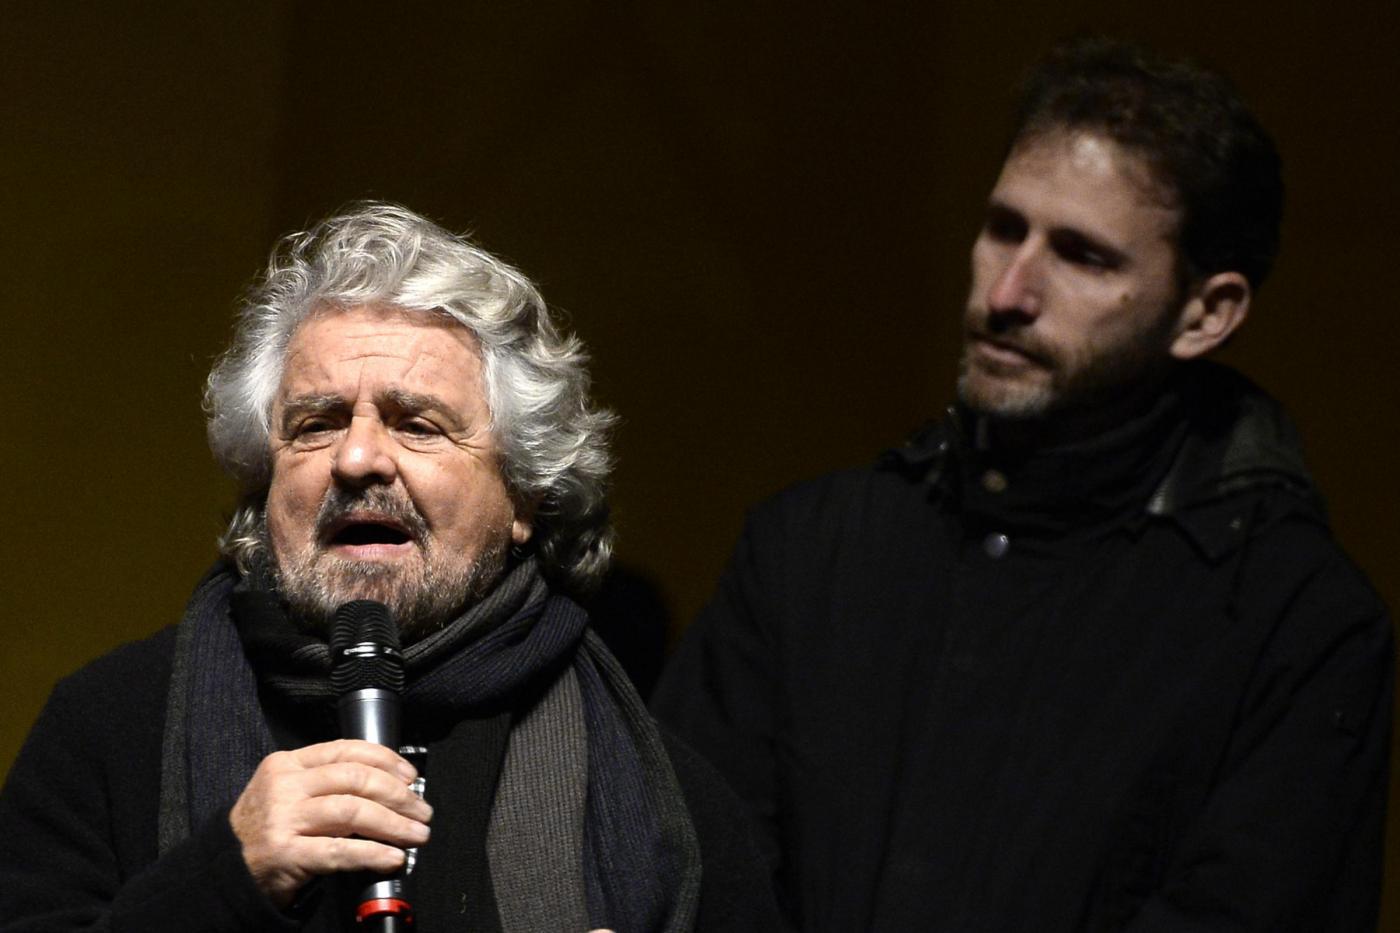 Beppe Grillo chiude la campagna referendaria #IoDicoNo a Torino